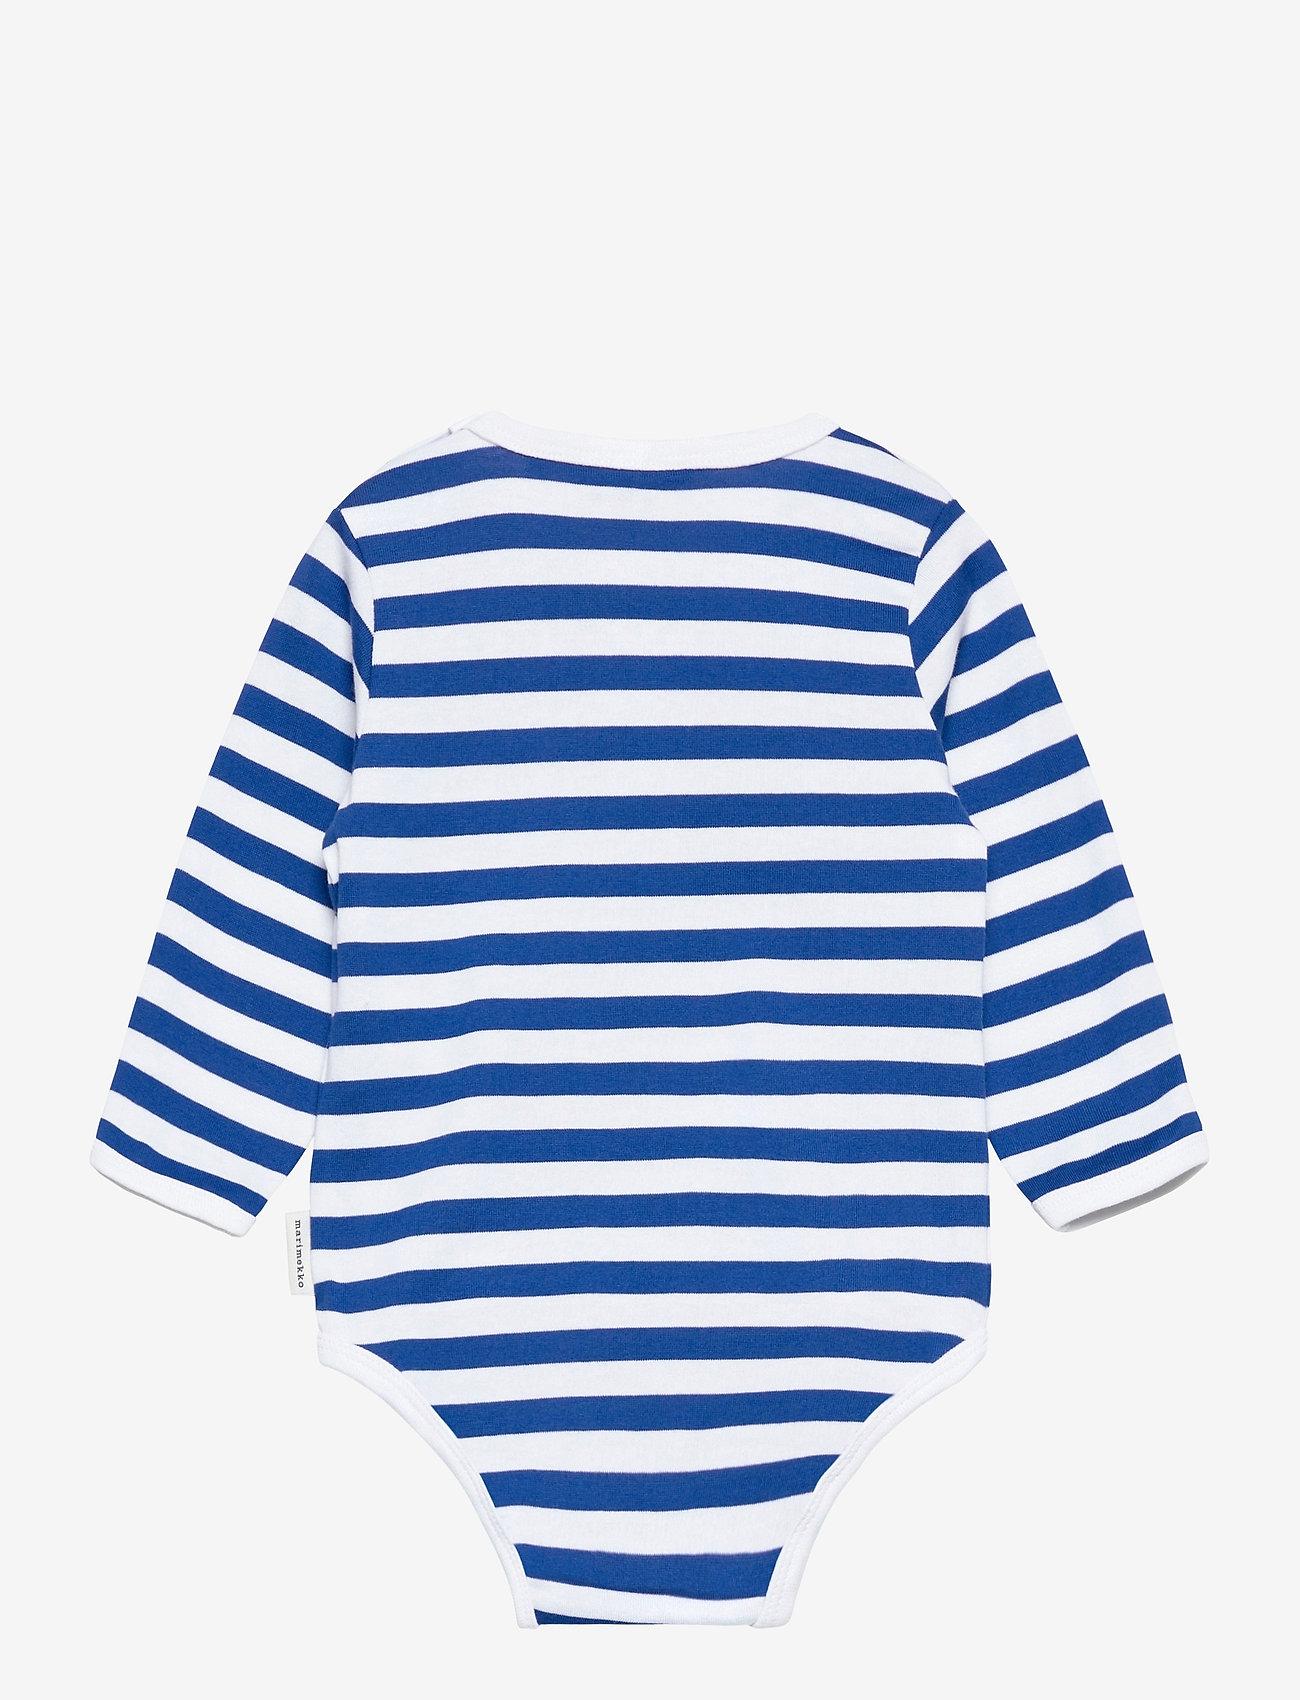 Marimekko - VINDE TASARAITA BODYSUIT - długie rękawy - white, blue - 1